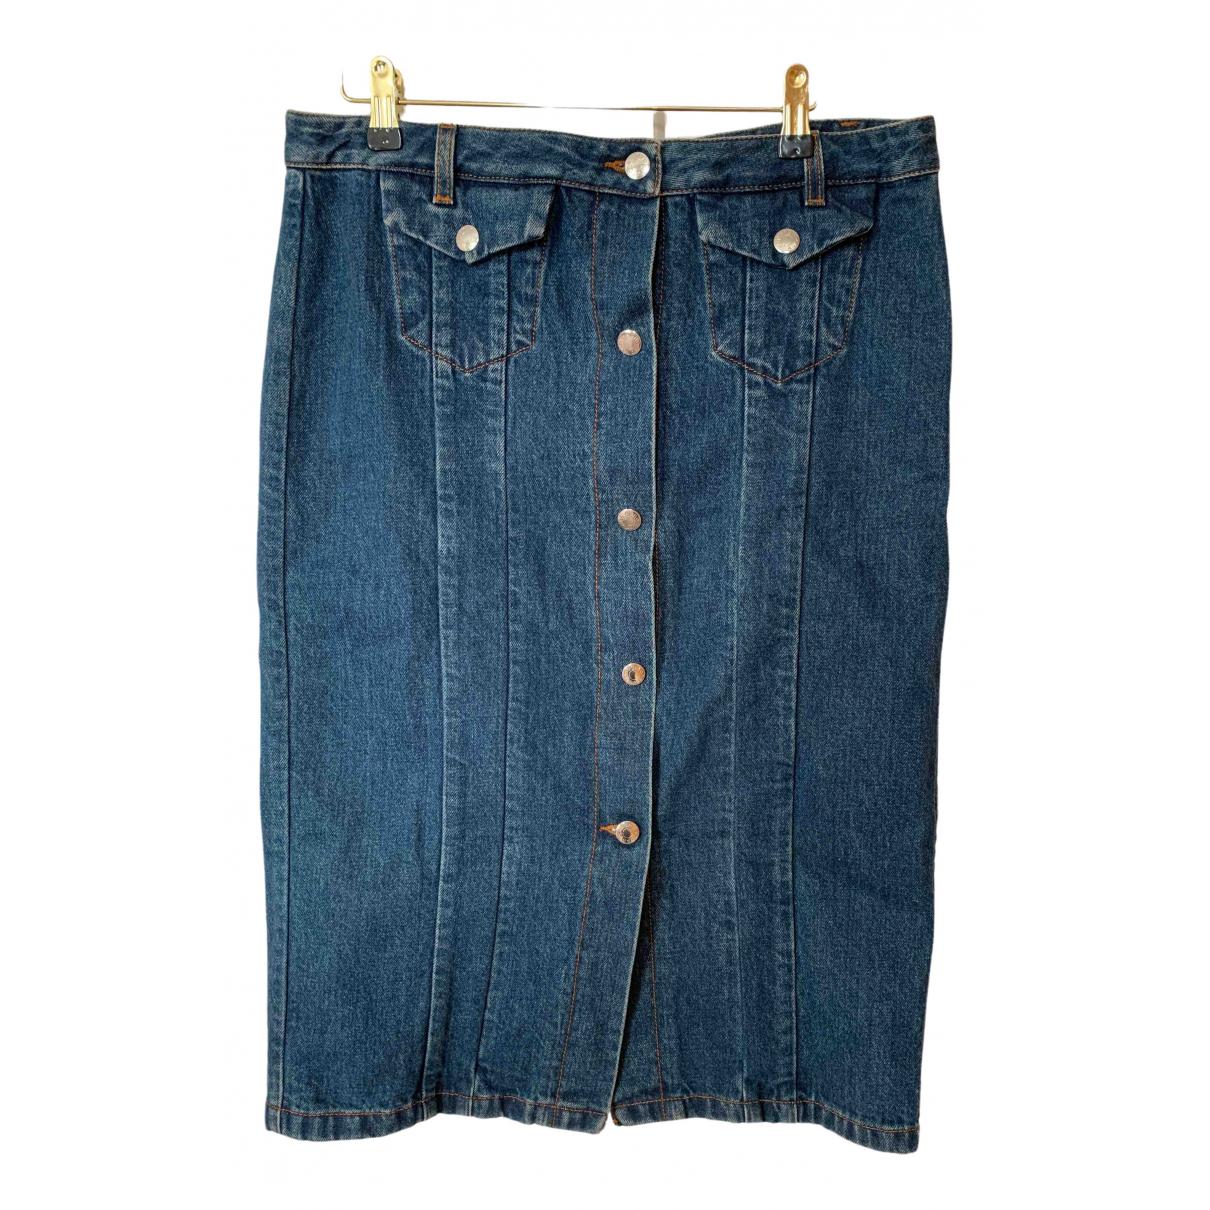 Acne Studios \N Blue Denim - Jeans skirt for Women 40 FR